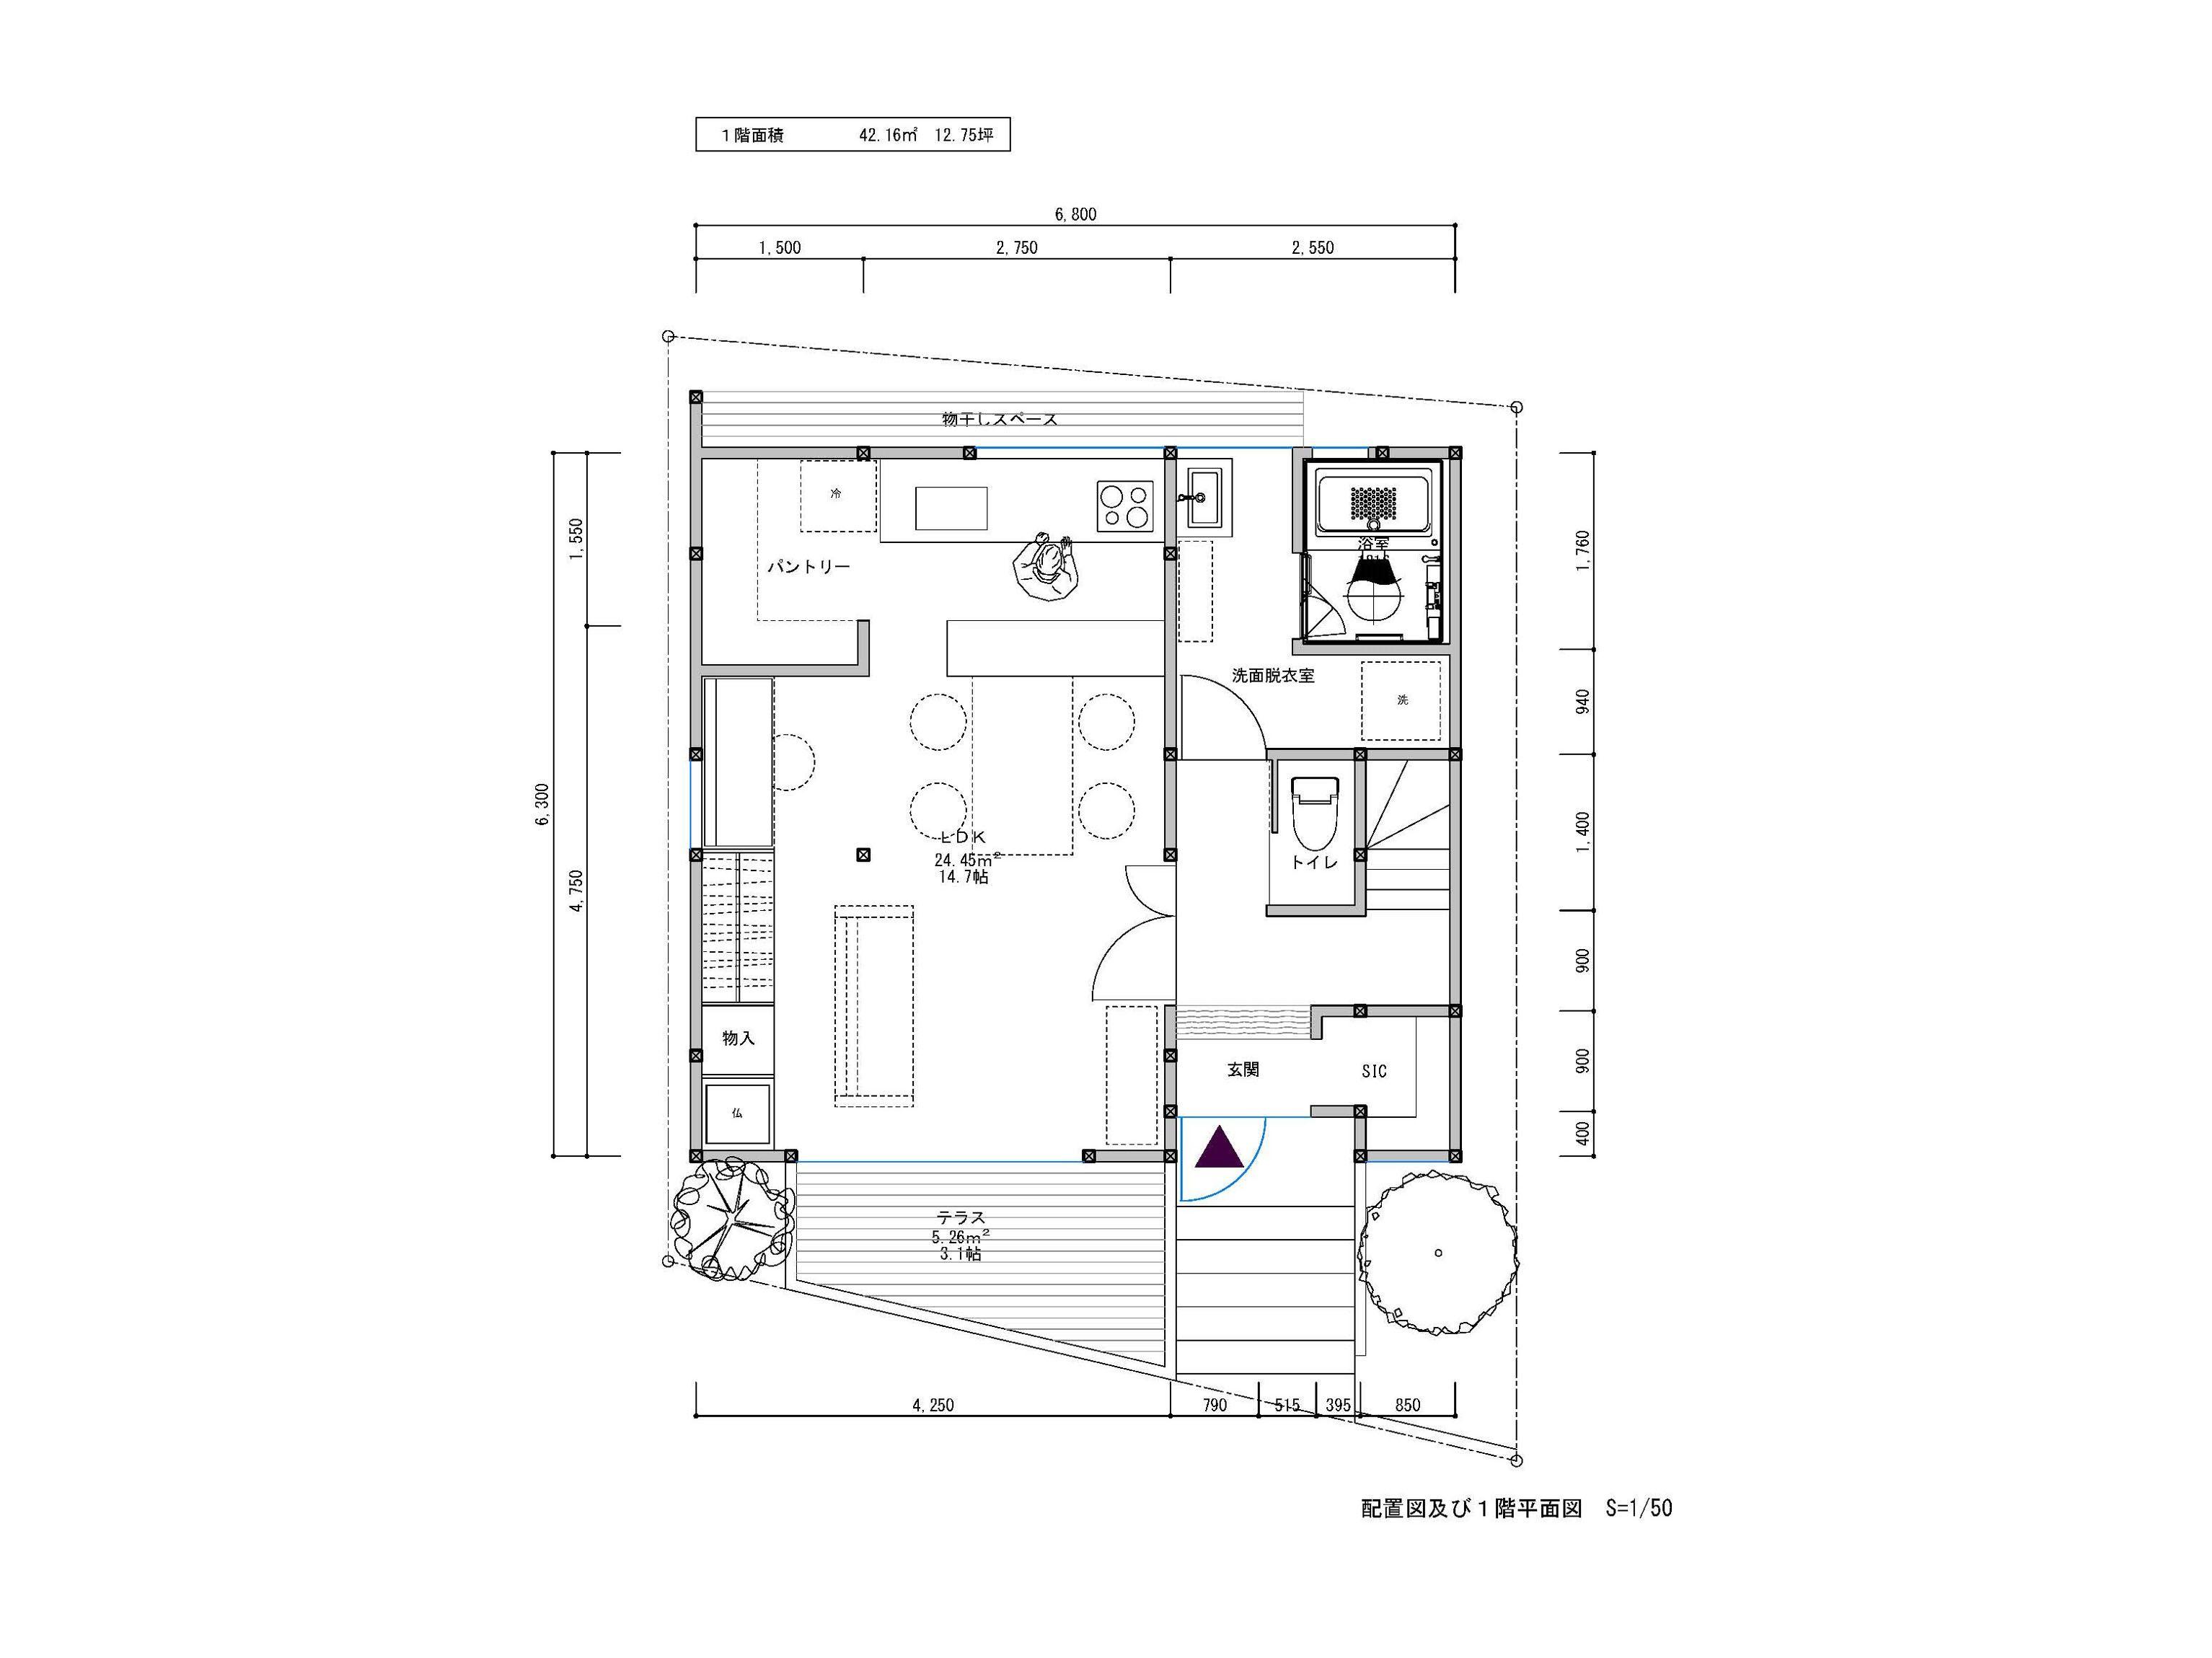 総建築費用 1200万円 税込 画像あり 平面図 建築家